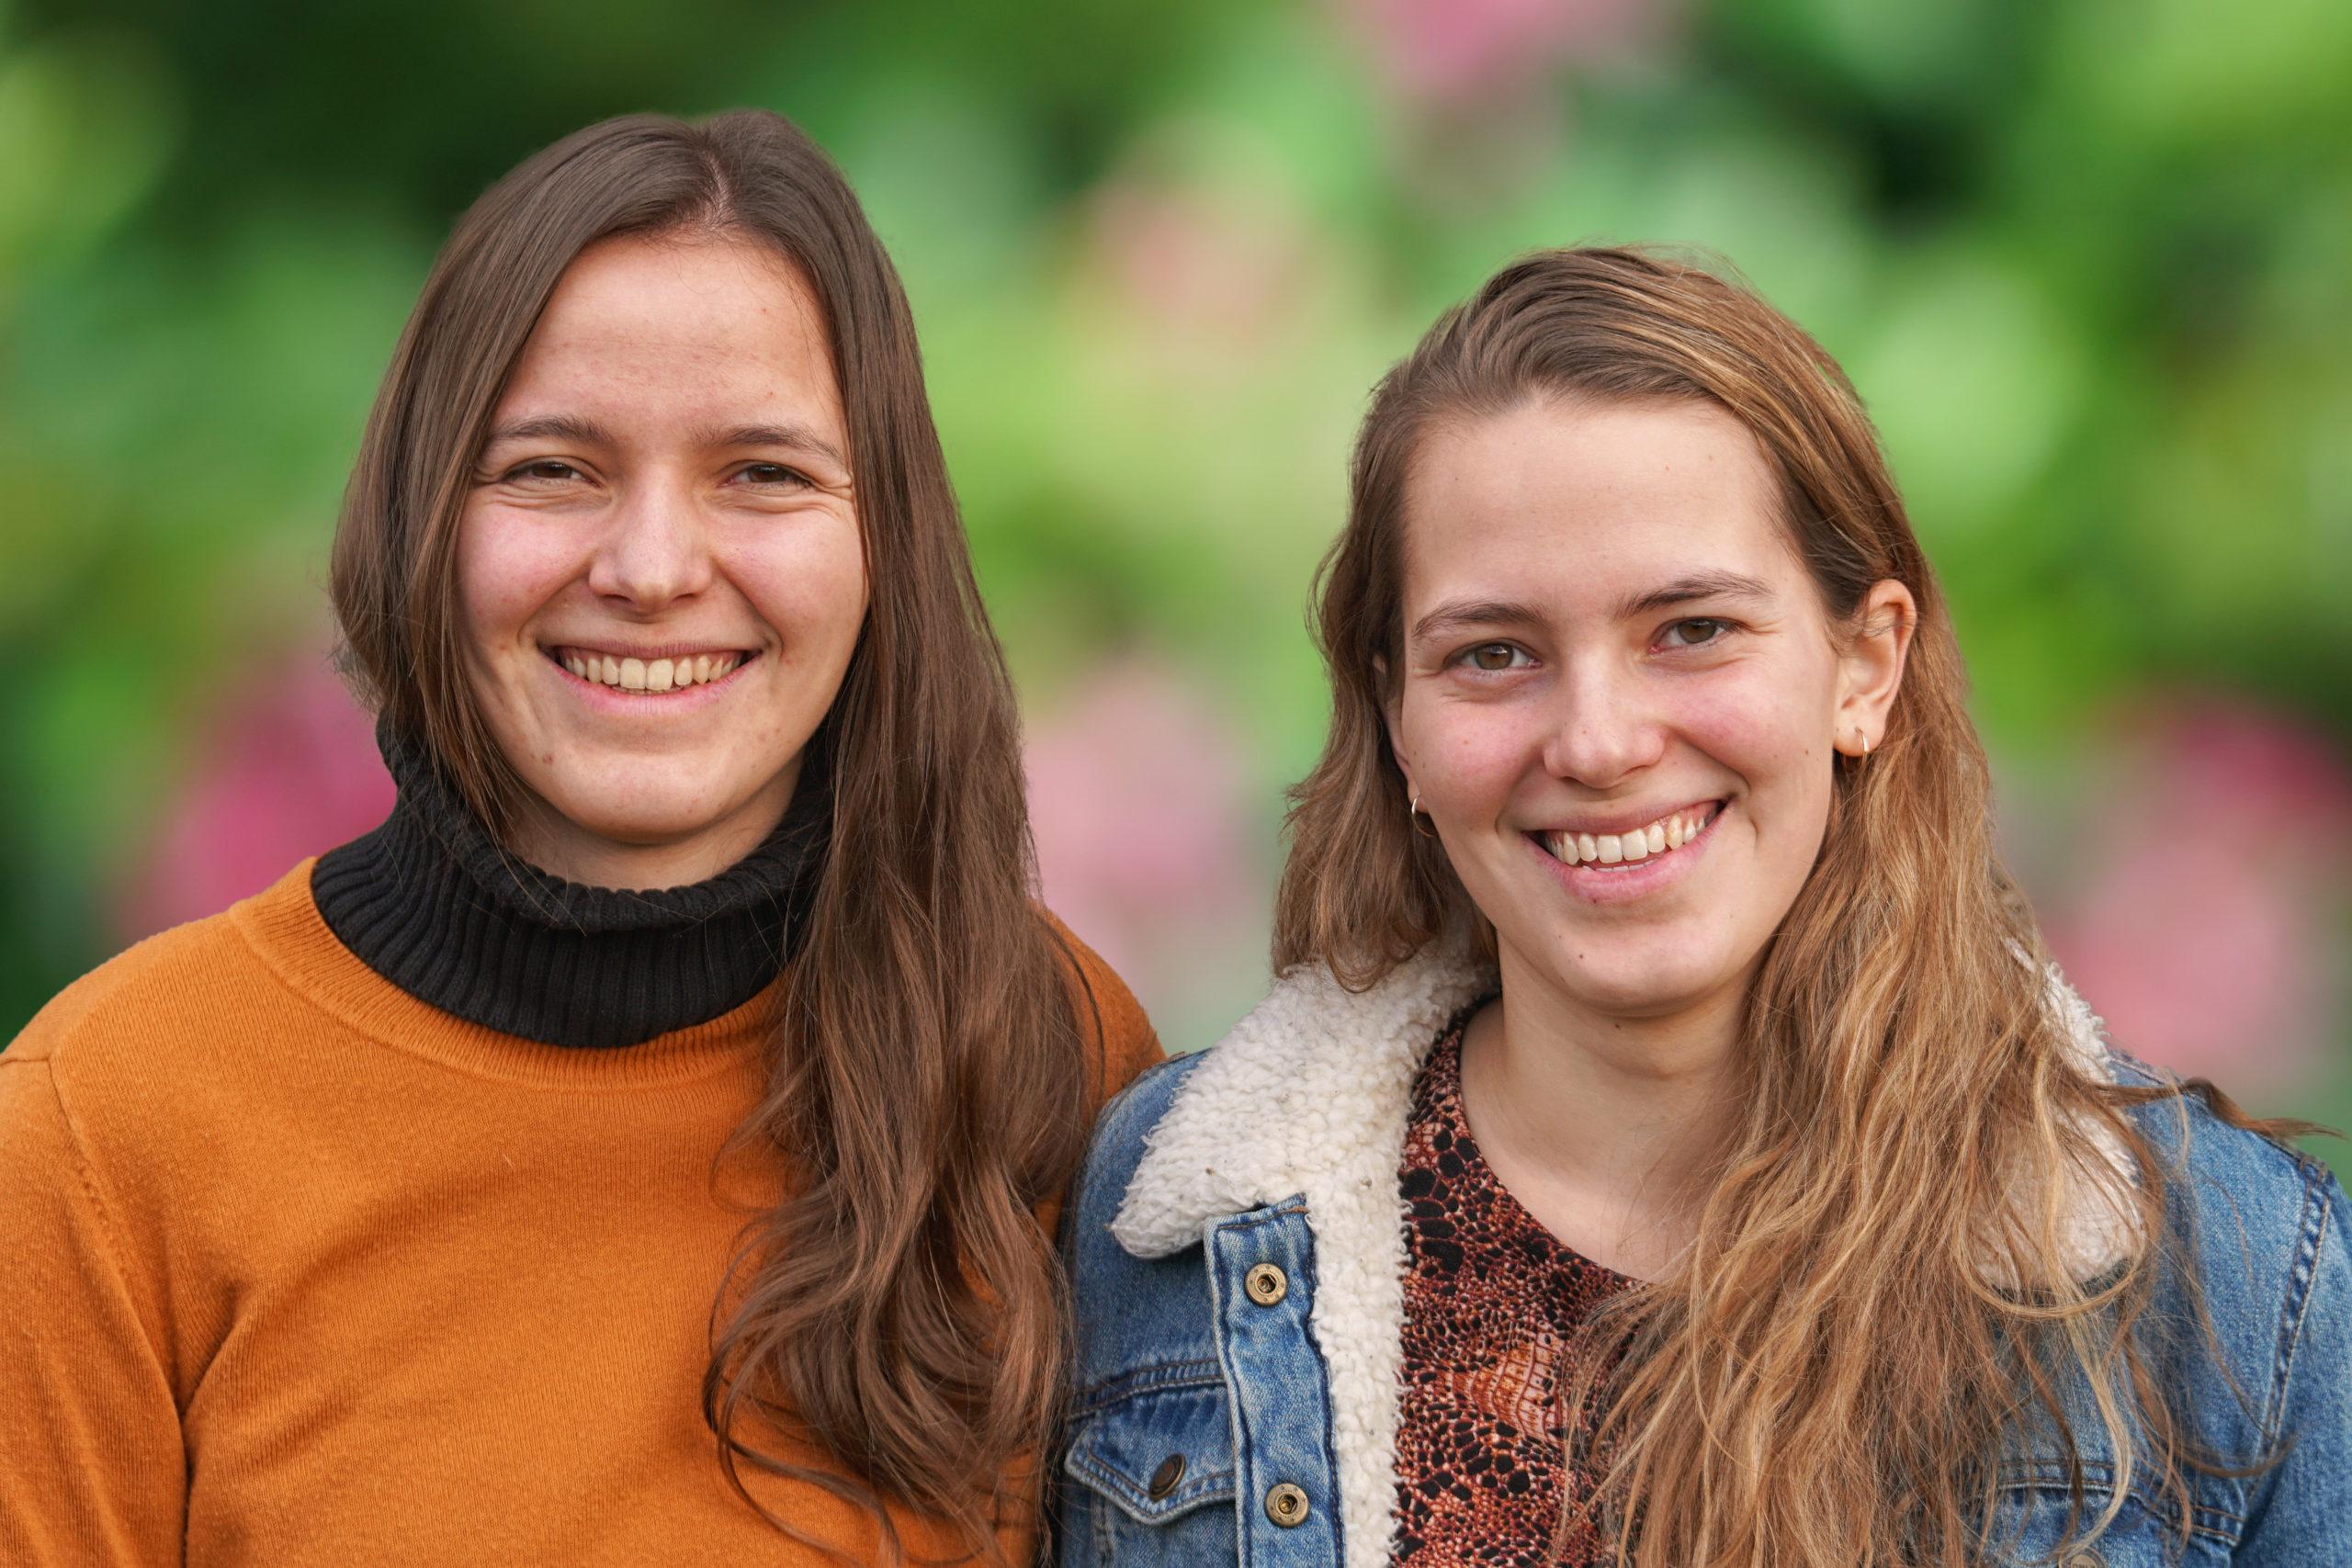 Twee jonge meiden – nu al zo vol over een leven met God!